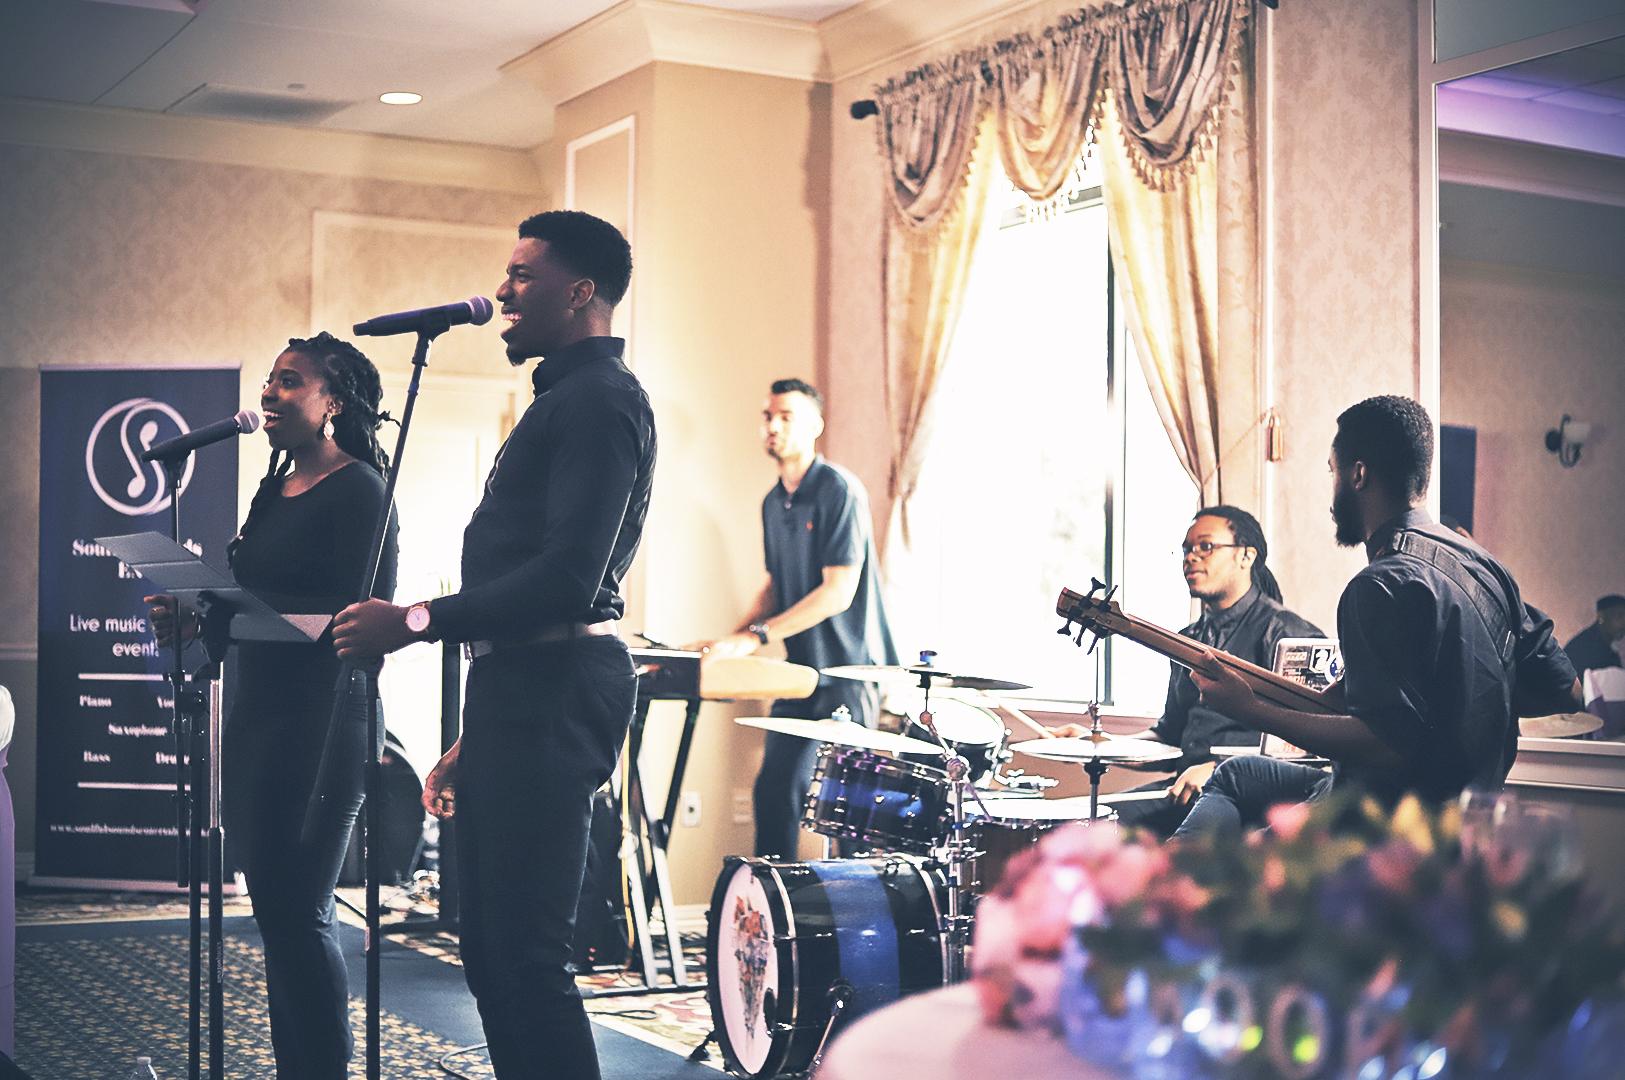 6-29-2019 wedding band 2